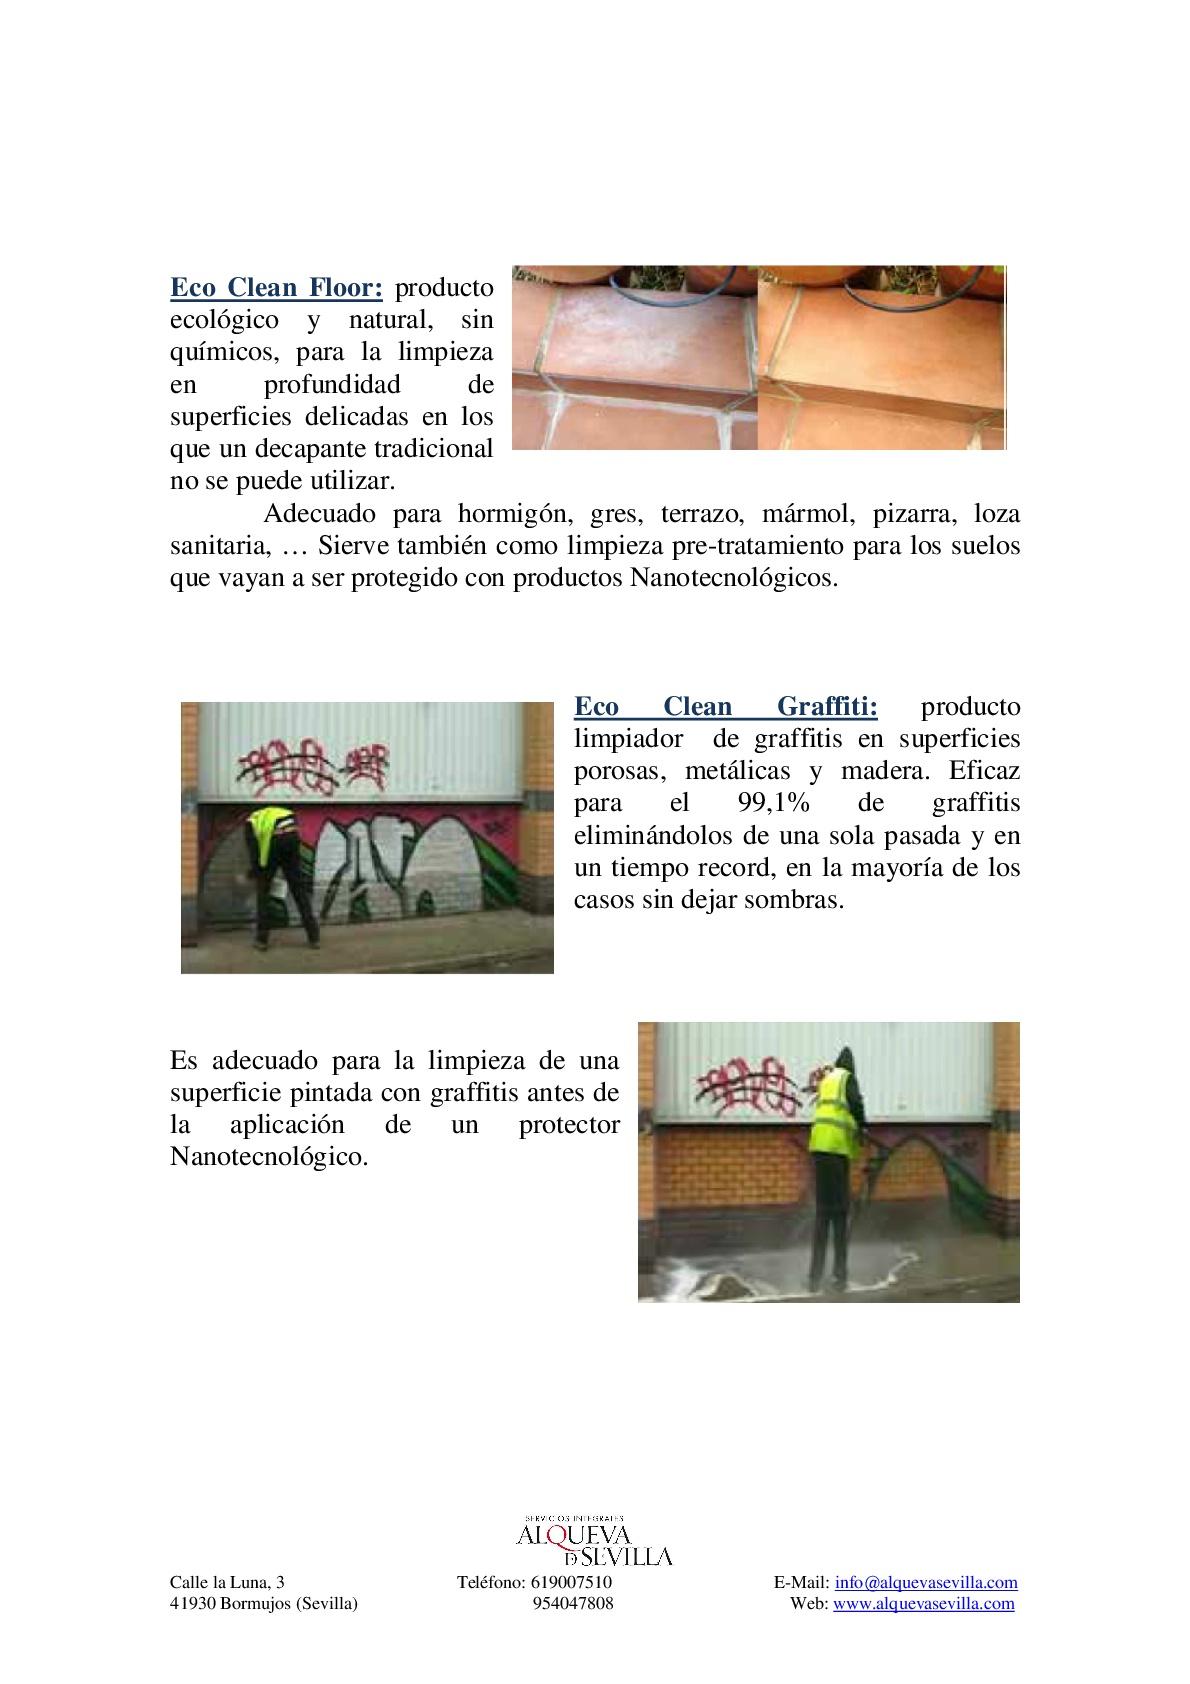 02-Presentacion-de-servicios-de-limpieza-y-protecciones-Nano-Tecnologicos